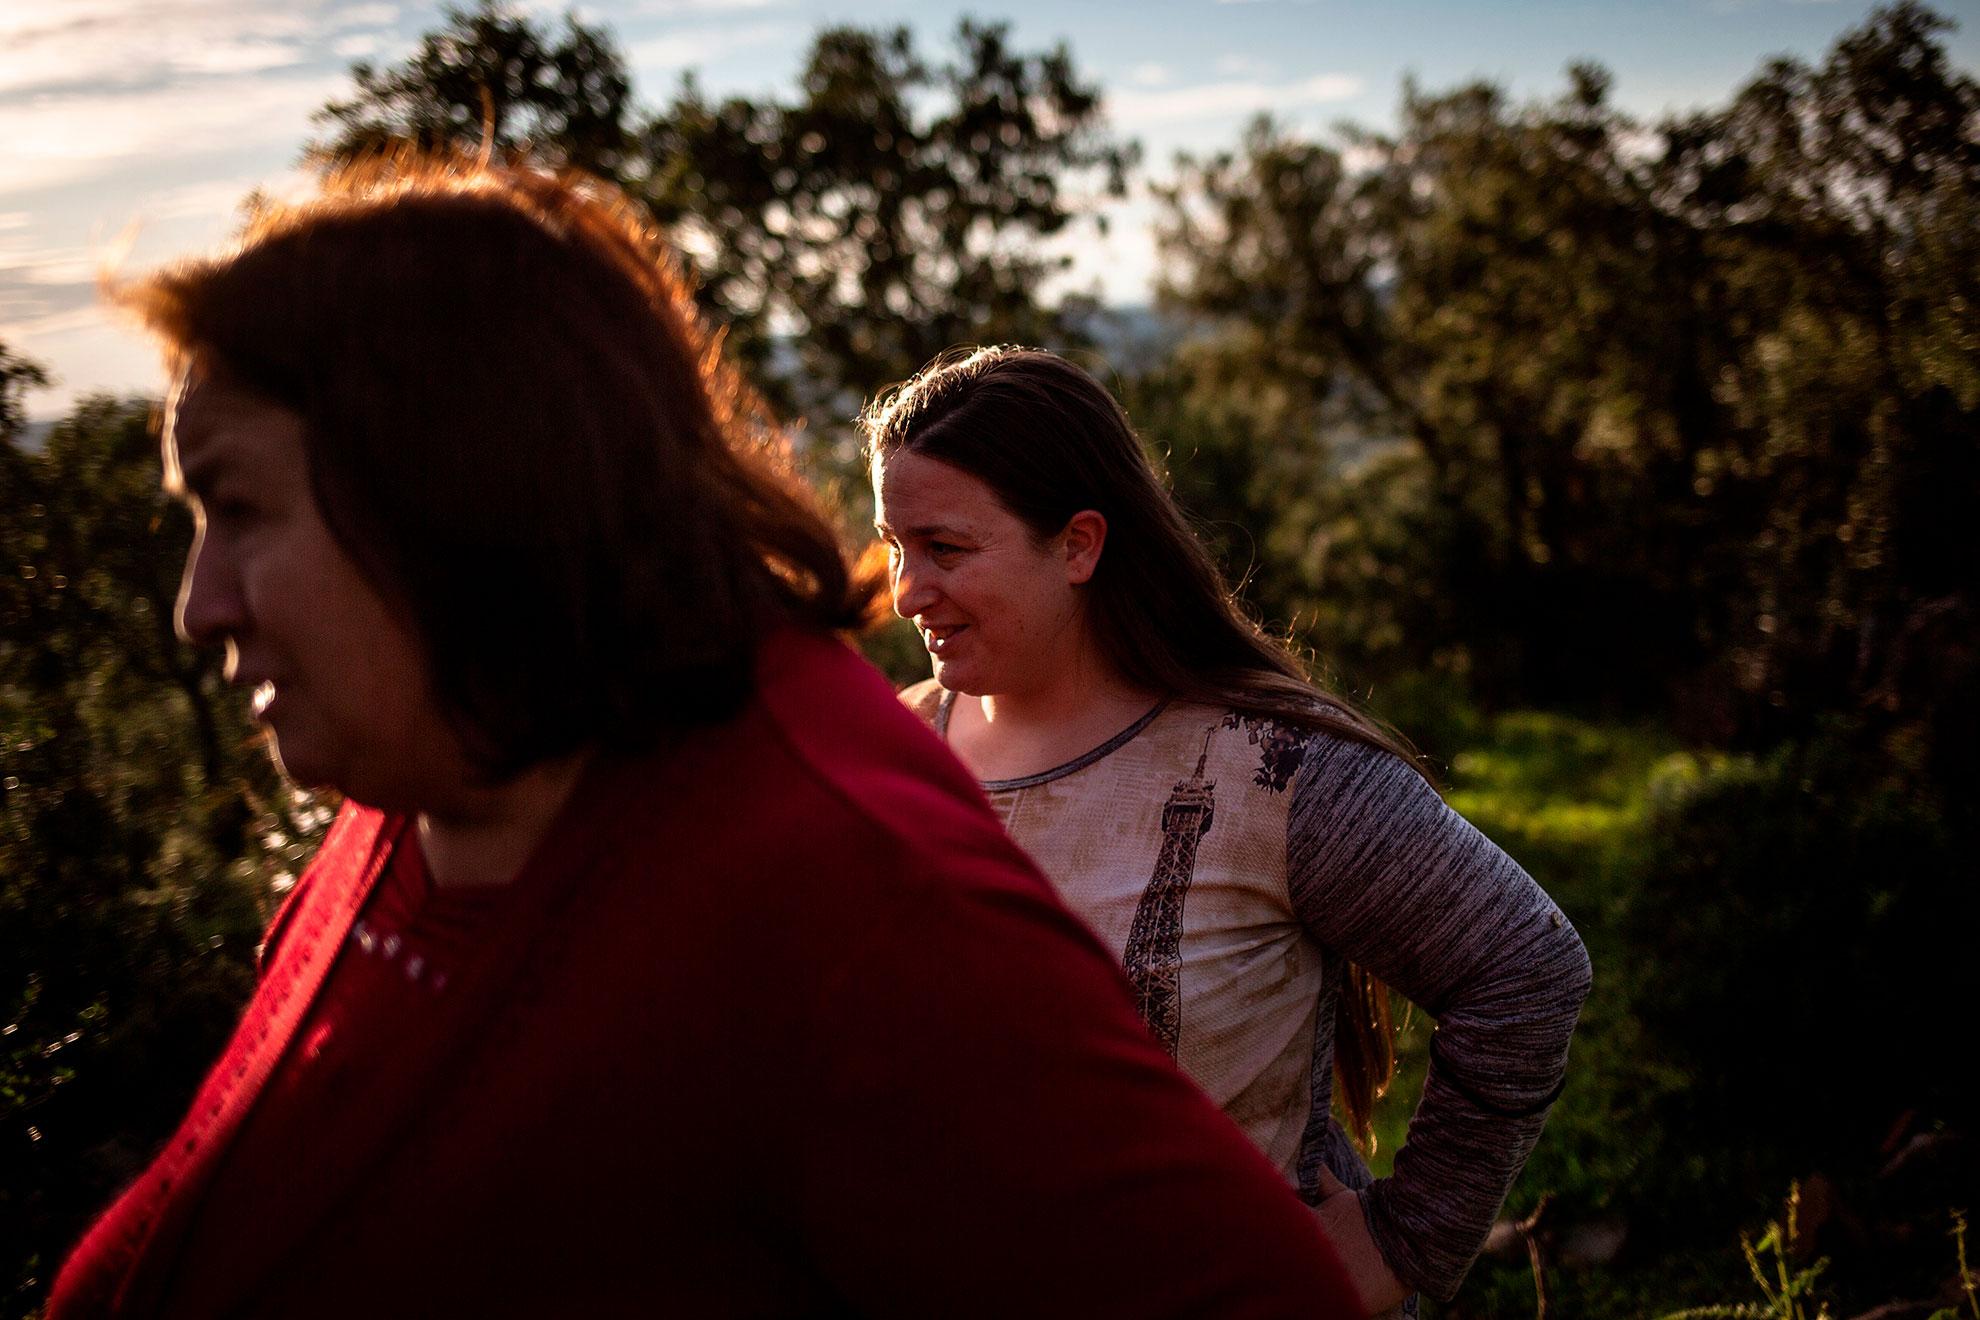 Antonia (58 años) y su hija Aurora (28 años) son dos generaciones de ganaderas. Viven en La Aulaga (Sevilla), una pequeña aldea de 40 habitantes. Esta tarde han subido a la finca a controlar las vacas. El sector ganadero está siendo duramente golpeado por la crisis del coronavirus. Además del desplome de las ventas y de precios con la caída del consumo, están sin poder tomar las muestras veterinarias de su ganado para controlar la salud de sus animales. Los laboratorios también están cerrados durante esta crisis del COVID19. El sector va a necesitar ayudas públicas para salir de esta crisis. Mientras estas llegan, las familias ganaderas de la zona se ayudan como antiguamente: con trueque y cadenas de favores. A pesar de la incertidumbre del futuro, saben del privilegio de poder salir de casa cada día con sus animales. En su finca de alcornoques y encinas están seguras. Es en el momento de coger el coche para regresar a casa, cuando se ponen los guantes protectores y se termina la calma.